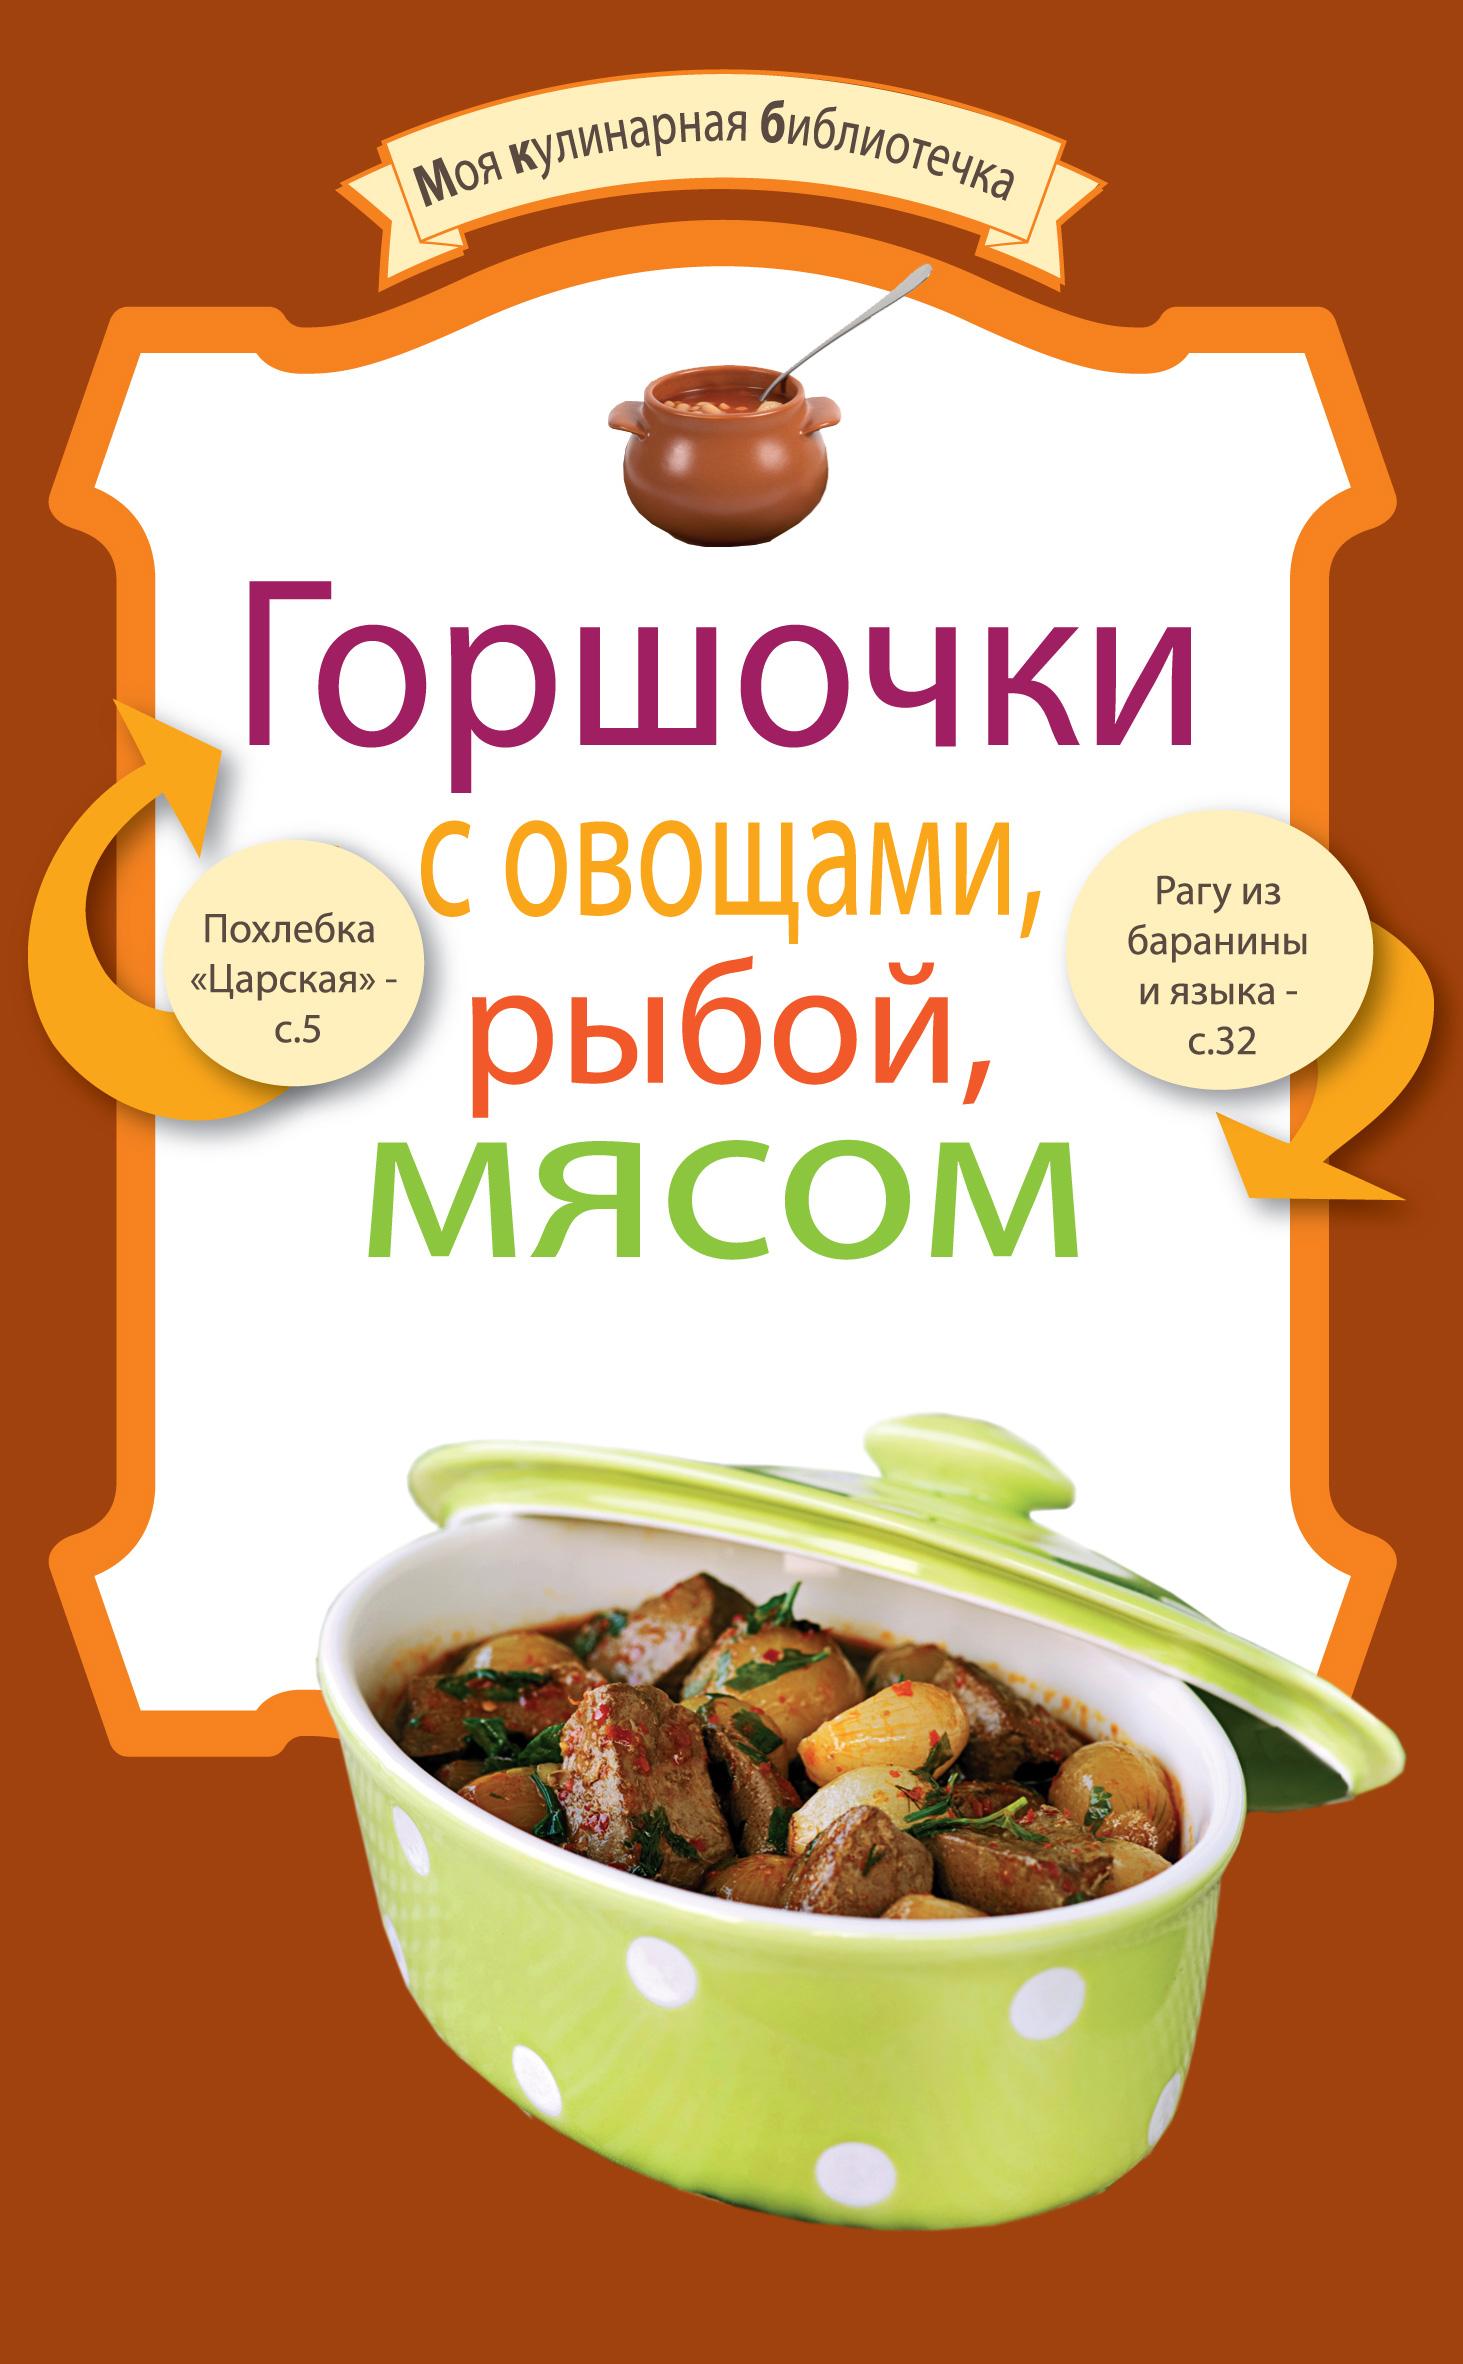 Сборник рецептов Горшочки с овощами, рыбой, мясом прыгающие горшочки